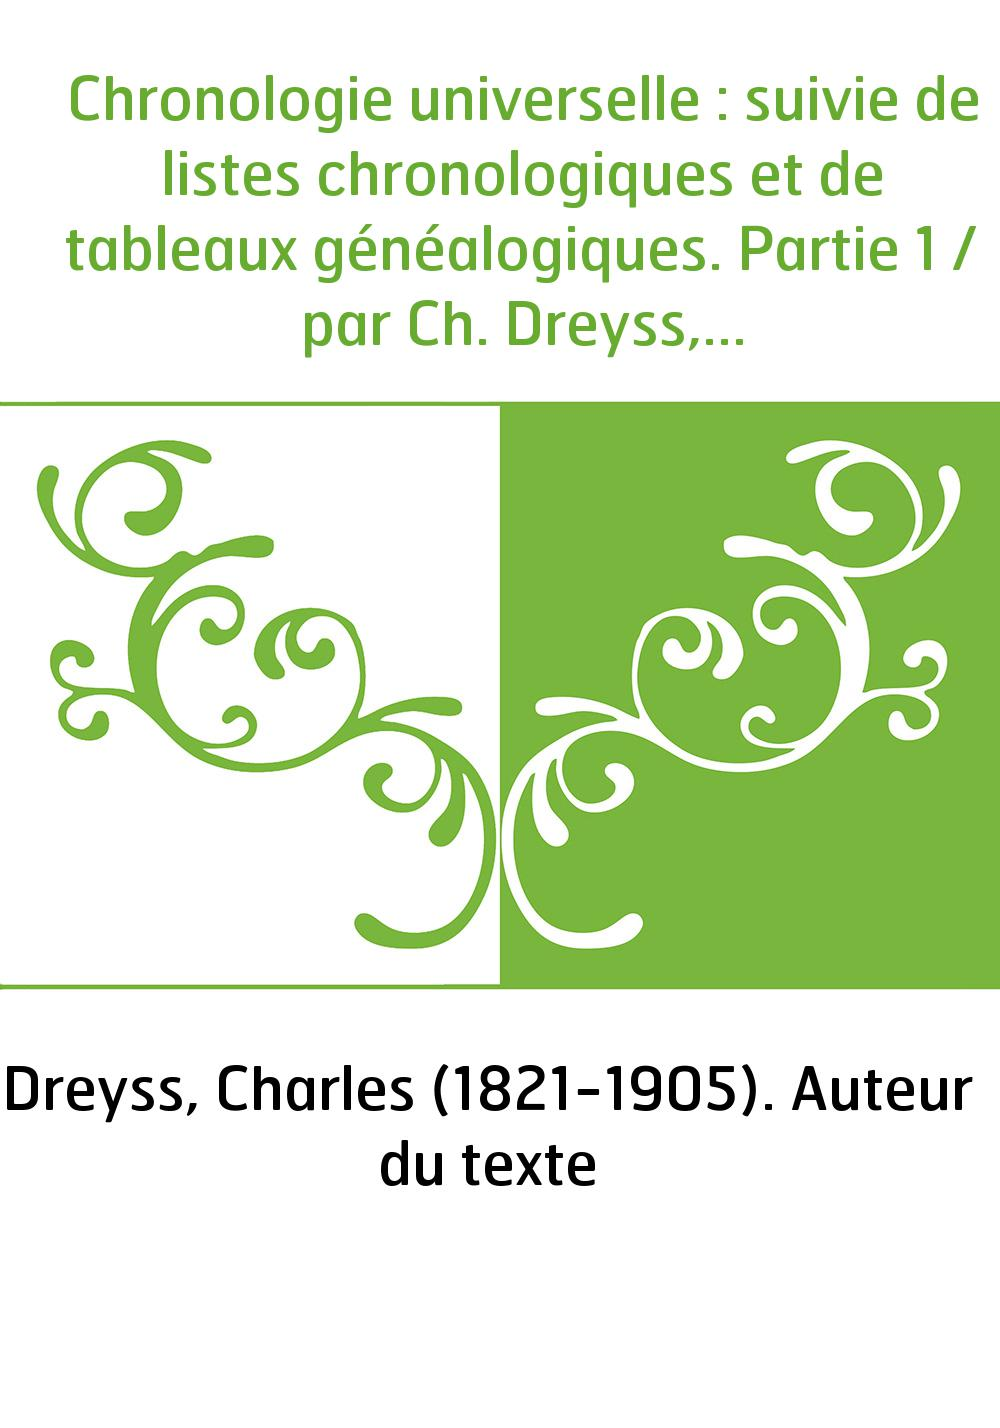 Chronologie universelle : suivie de listes chronologiques et de tableaux généalogiques. Partie 1 / par Ch. Dreyss,...